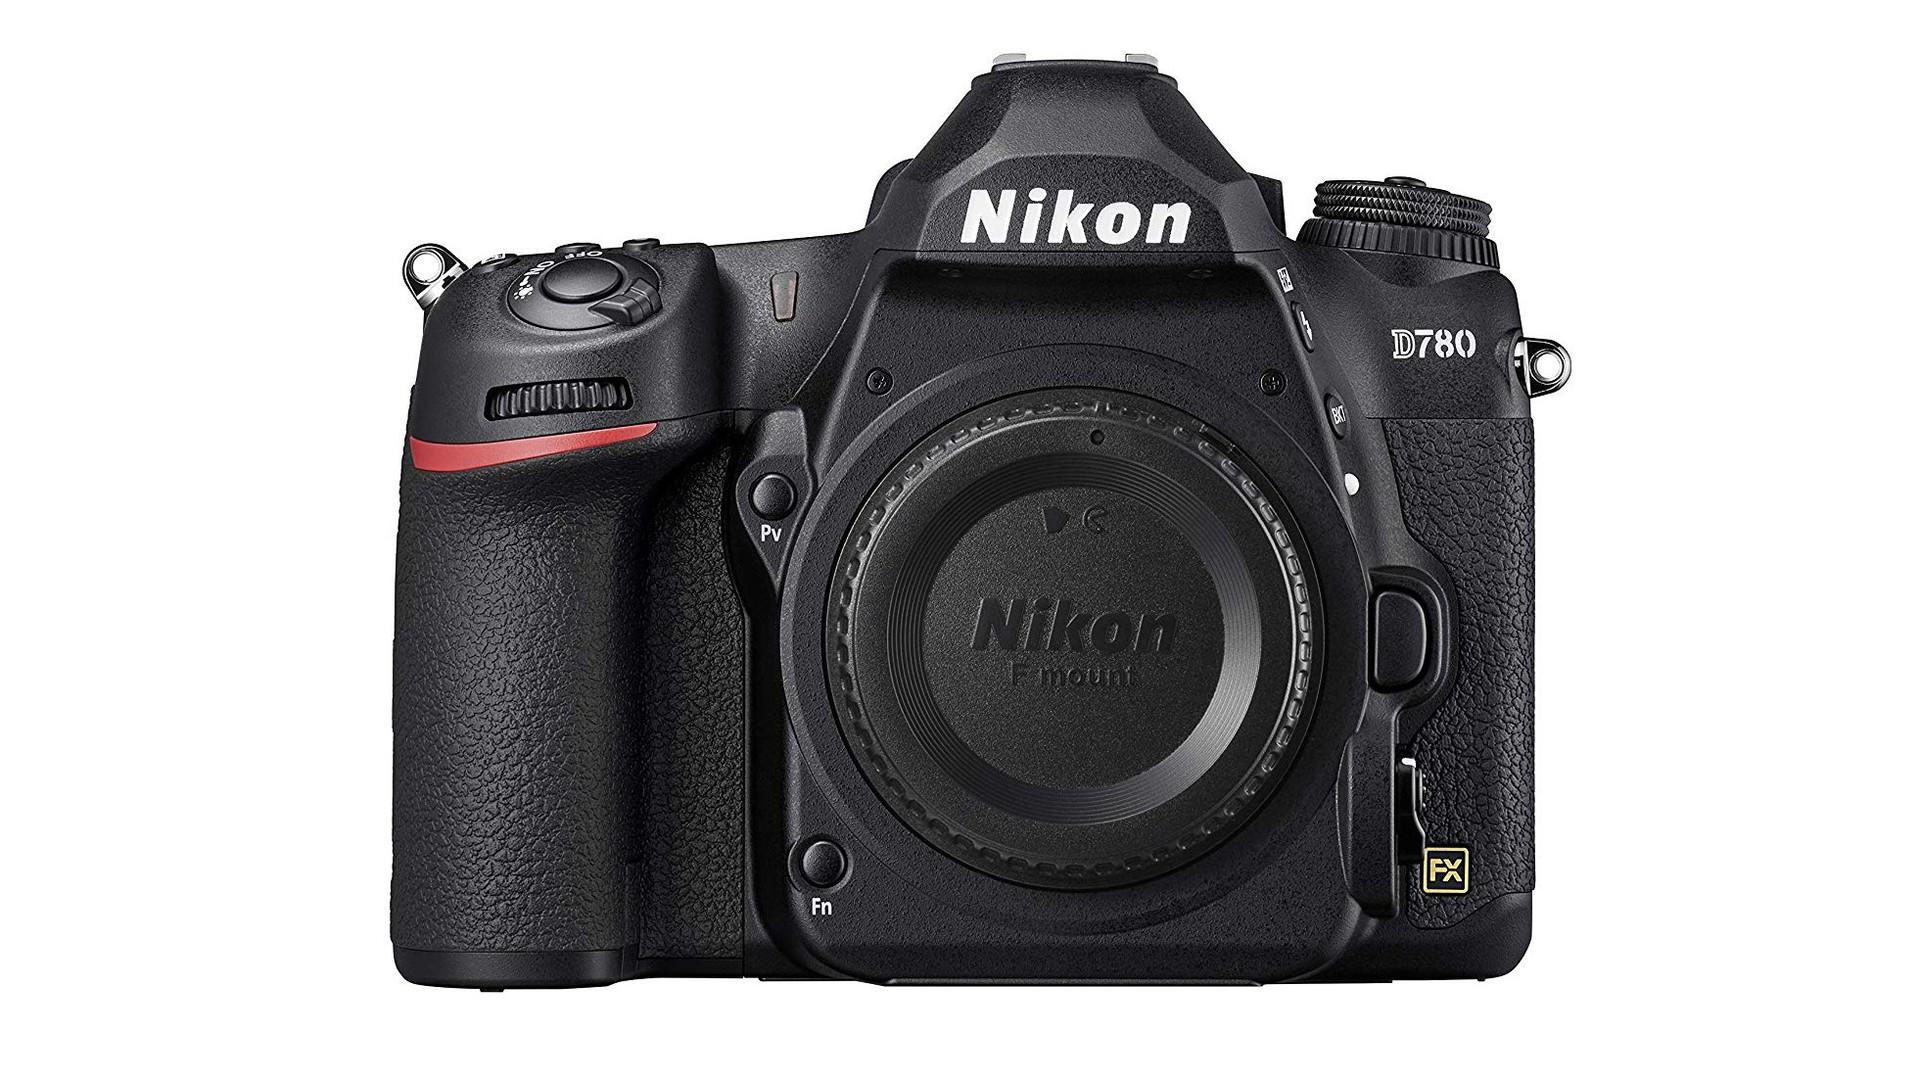 Nikon D780 DSLR touchscreen camera